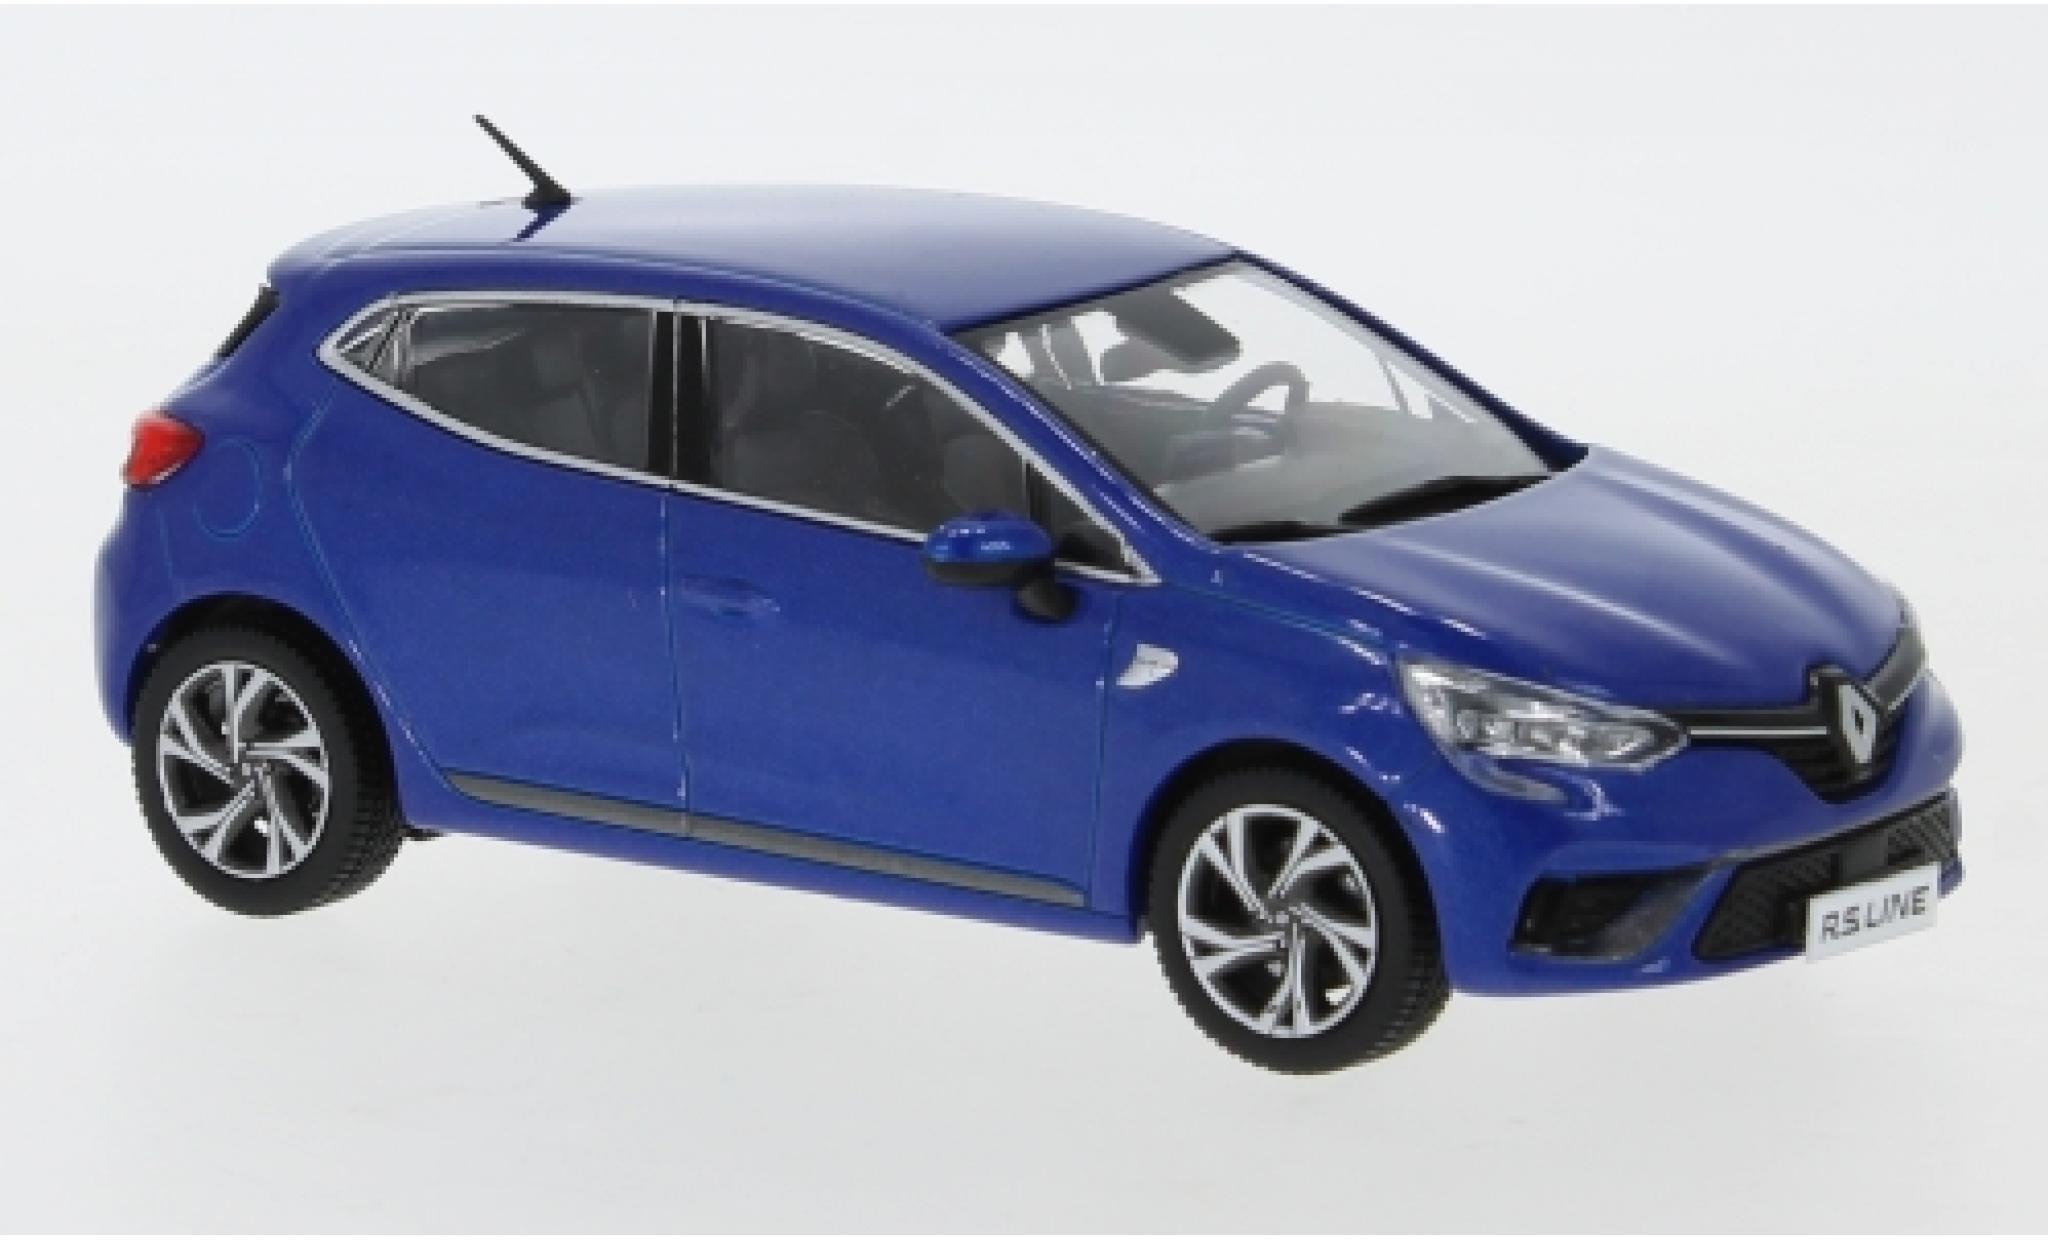 Renault Clio 1/43 Premium X RS Line metallise bleue 2019